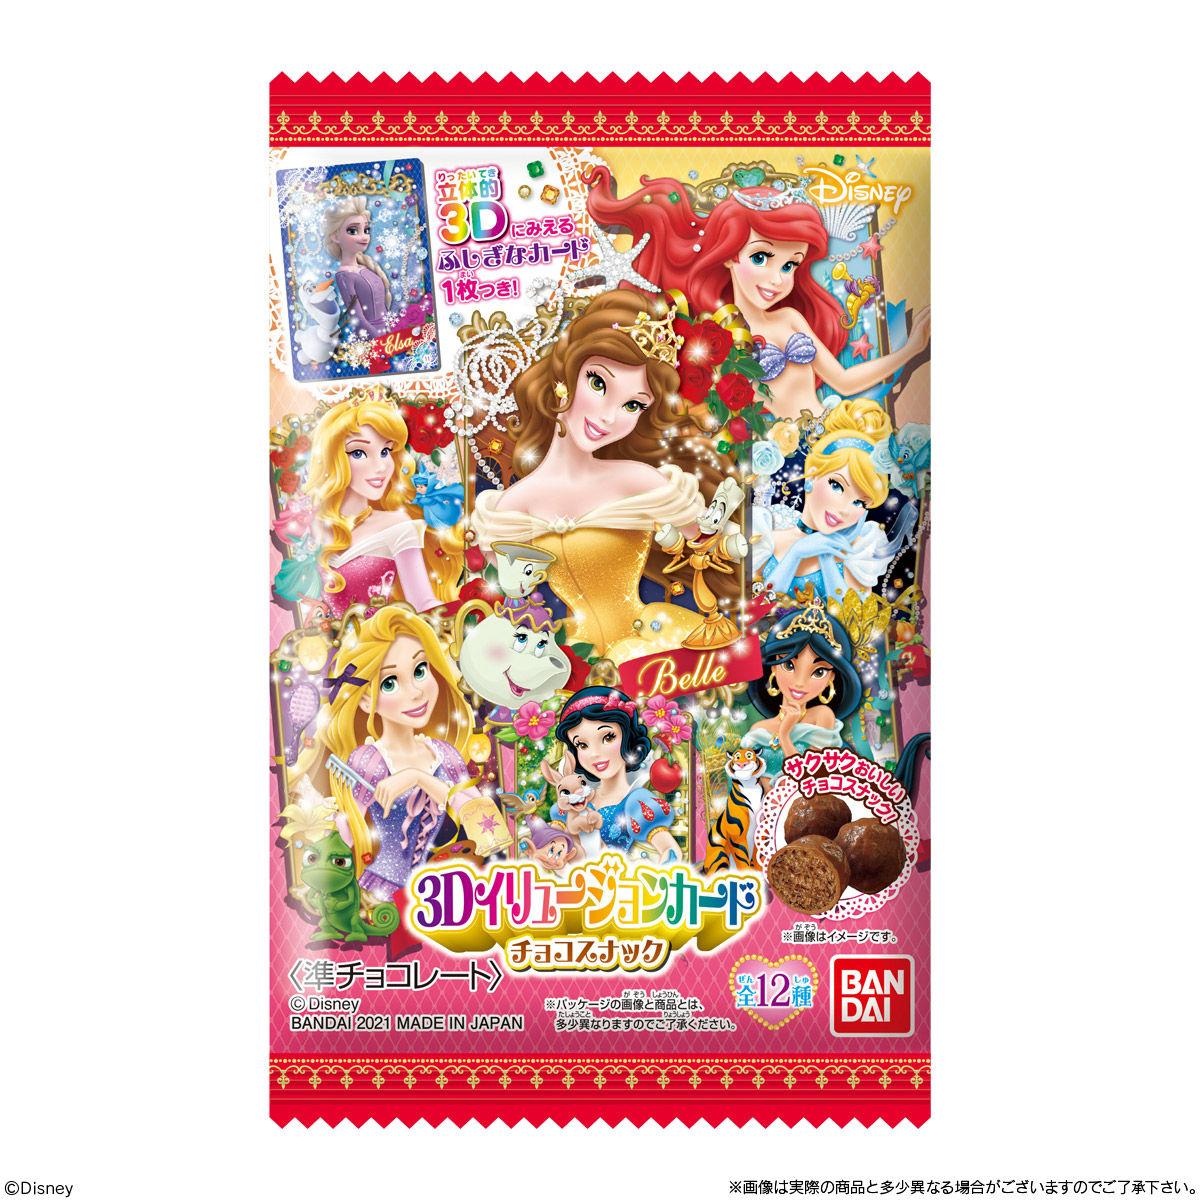 【食玩】ディズニー『3Dイリュージョンカード チョコスナック』20個入りBOX-005